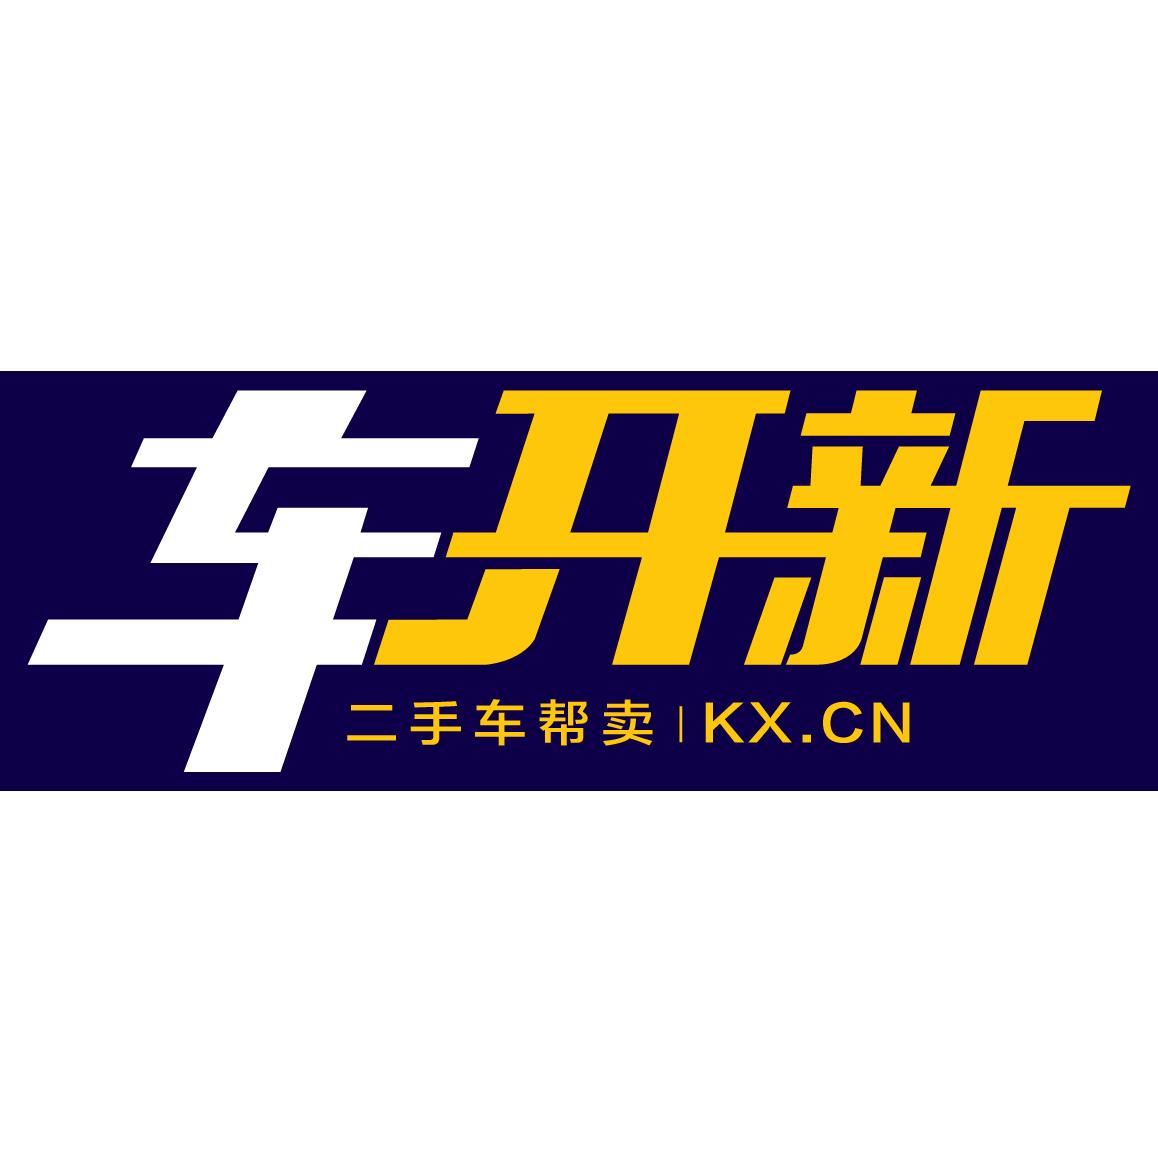 车开新首页-上海奉贤二手车交易市场-卖二手车流程-个人二手车估价直卖网